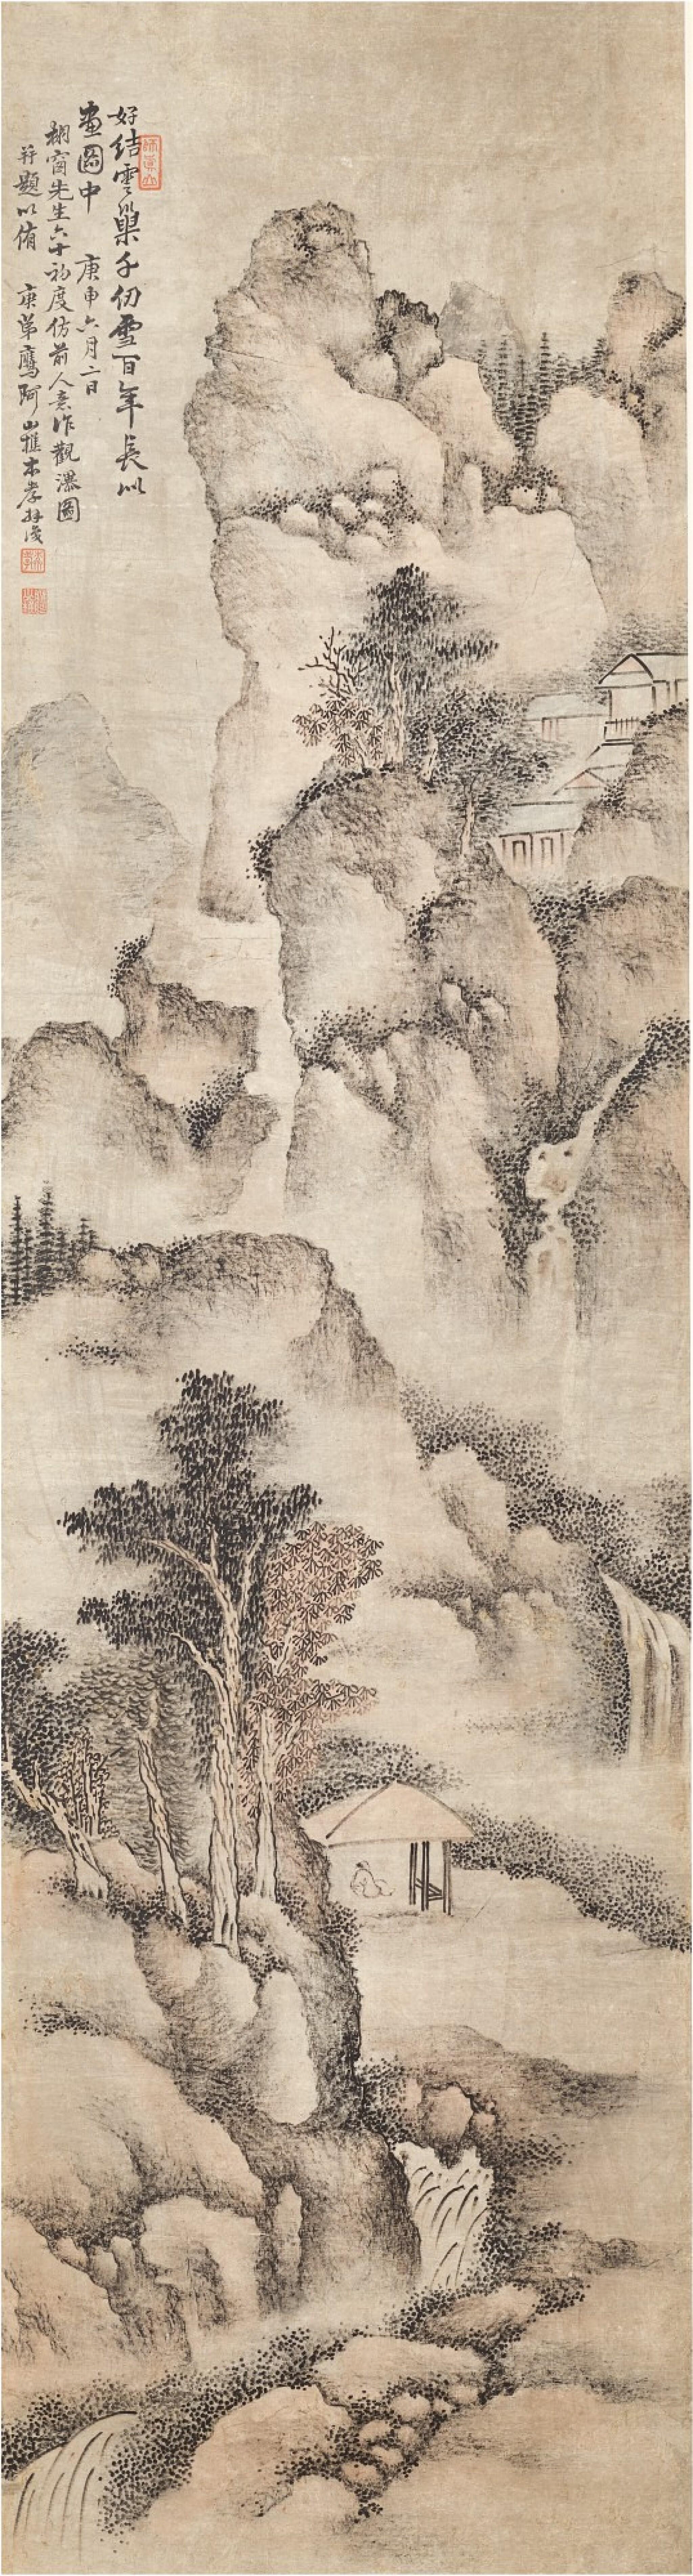 View full screen - View 1 of Lot 3073. Dai Benxiao 1621 - 1693 戴本孝 1621-1693   Viewing the Waterfall 山水.